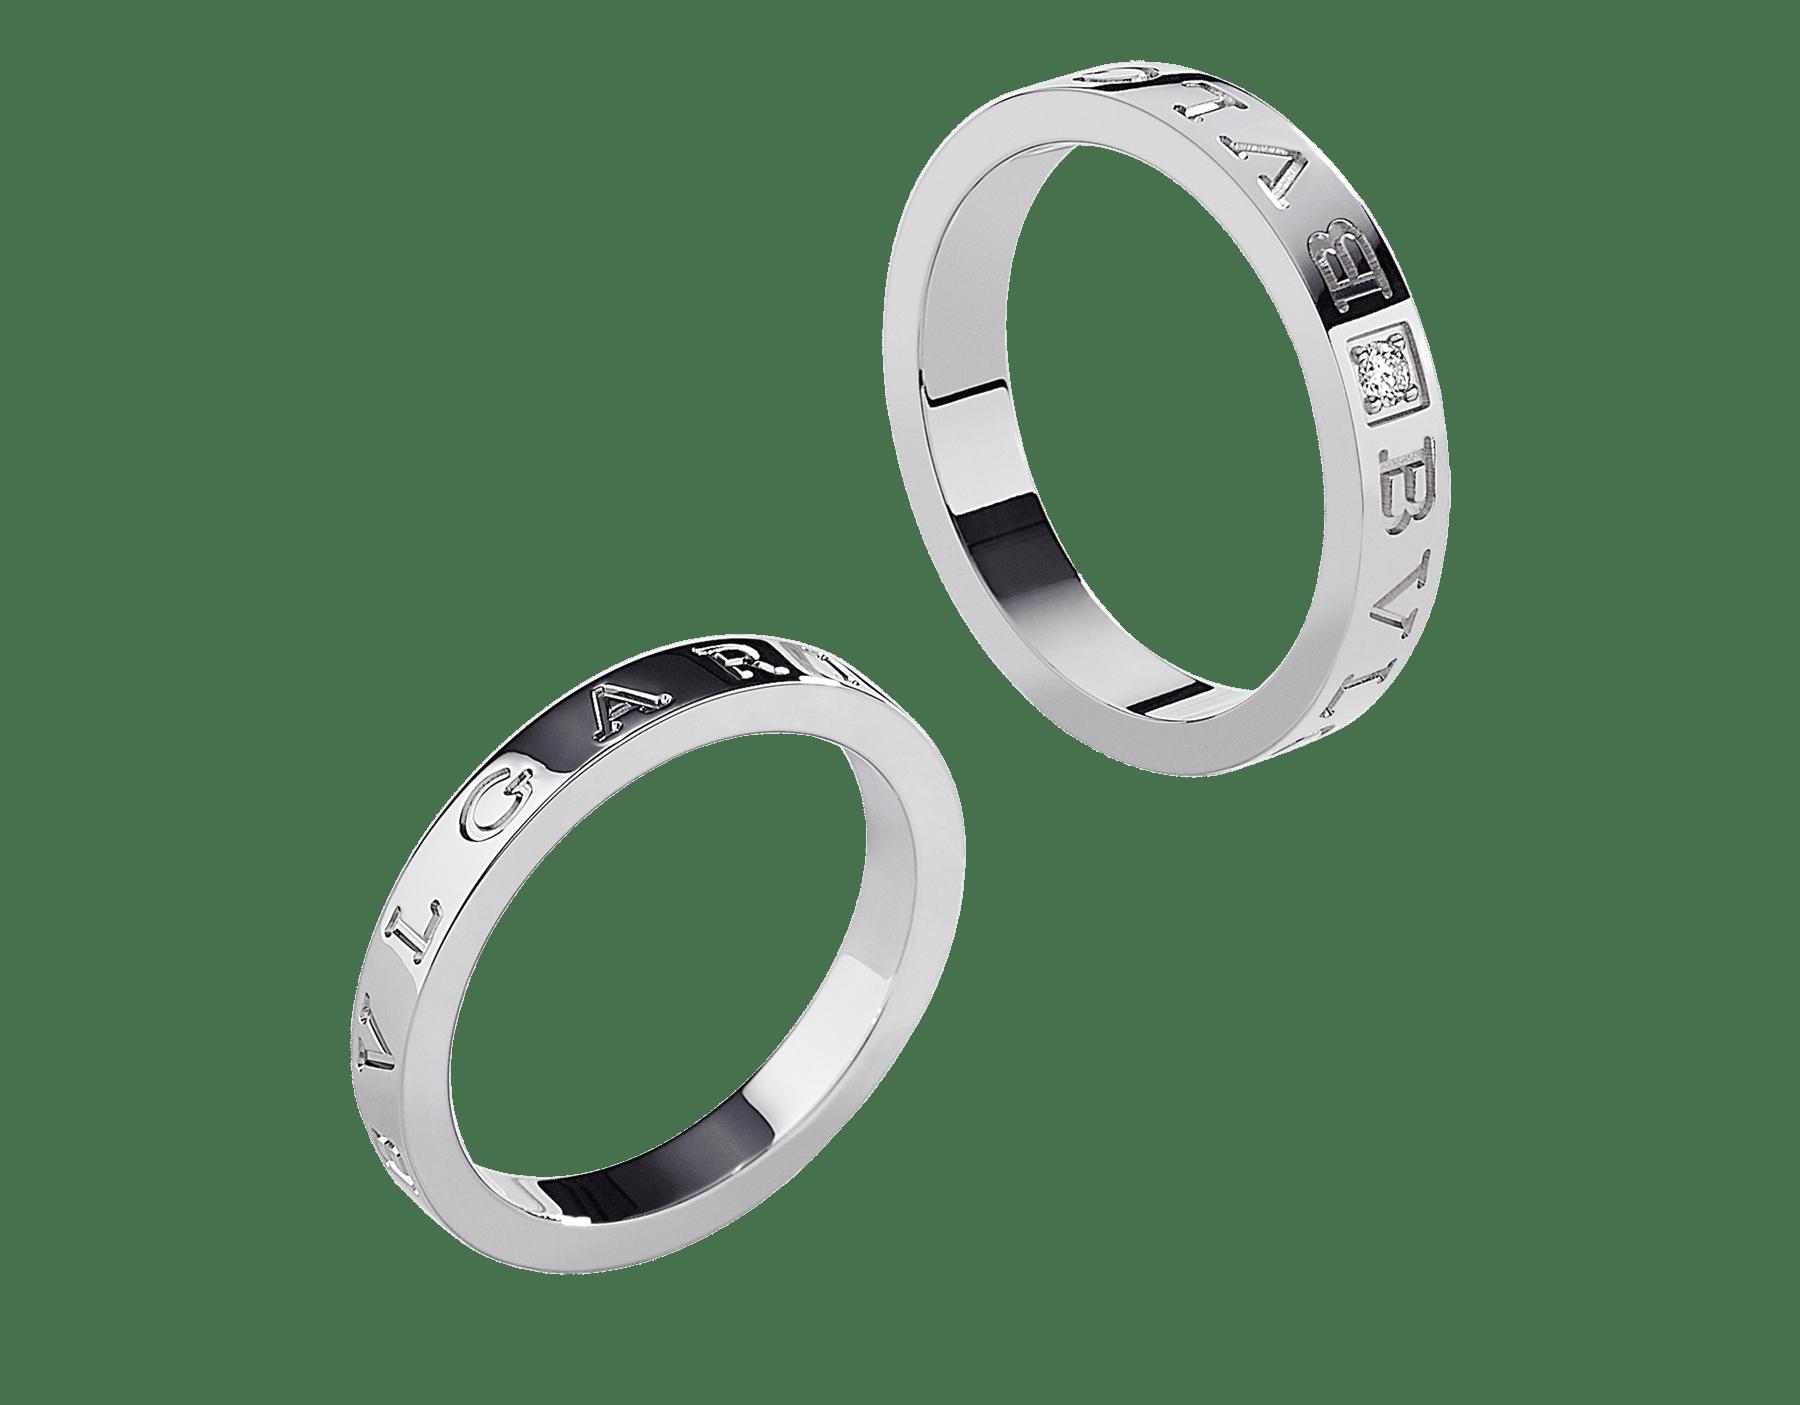 Anelli per coppia BVLGARI BVLGARI in platino e oro bianco 18 kt con diamante. Un set di anelli dallo stile eclettico e dal design contemporaneo. BVLGARI-BVLGARI-Couples-Rings image 1